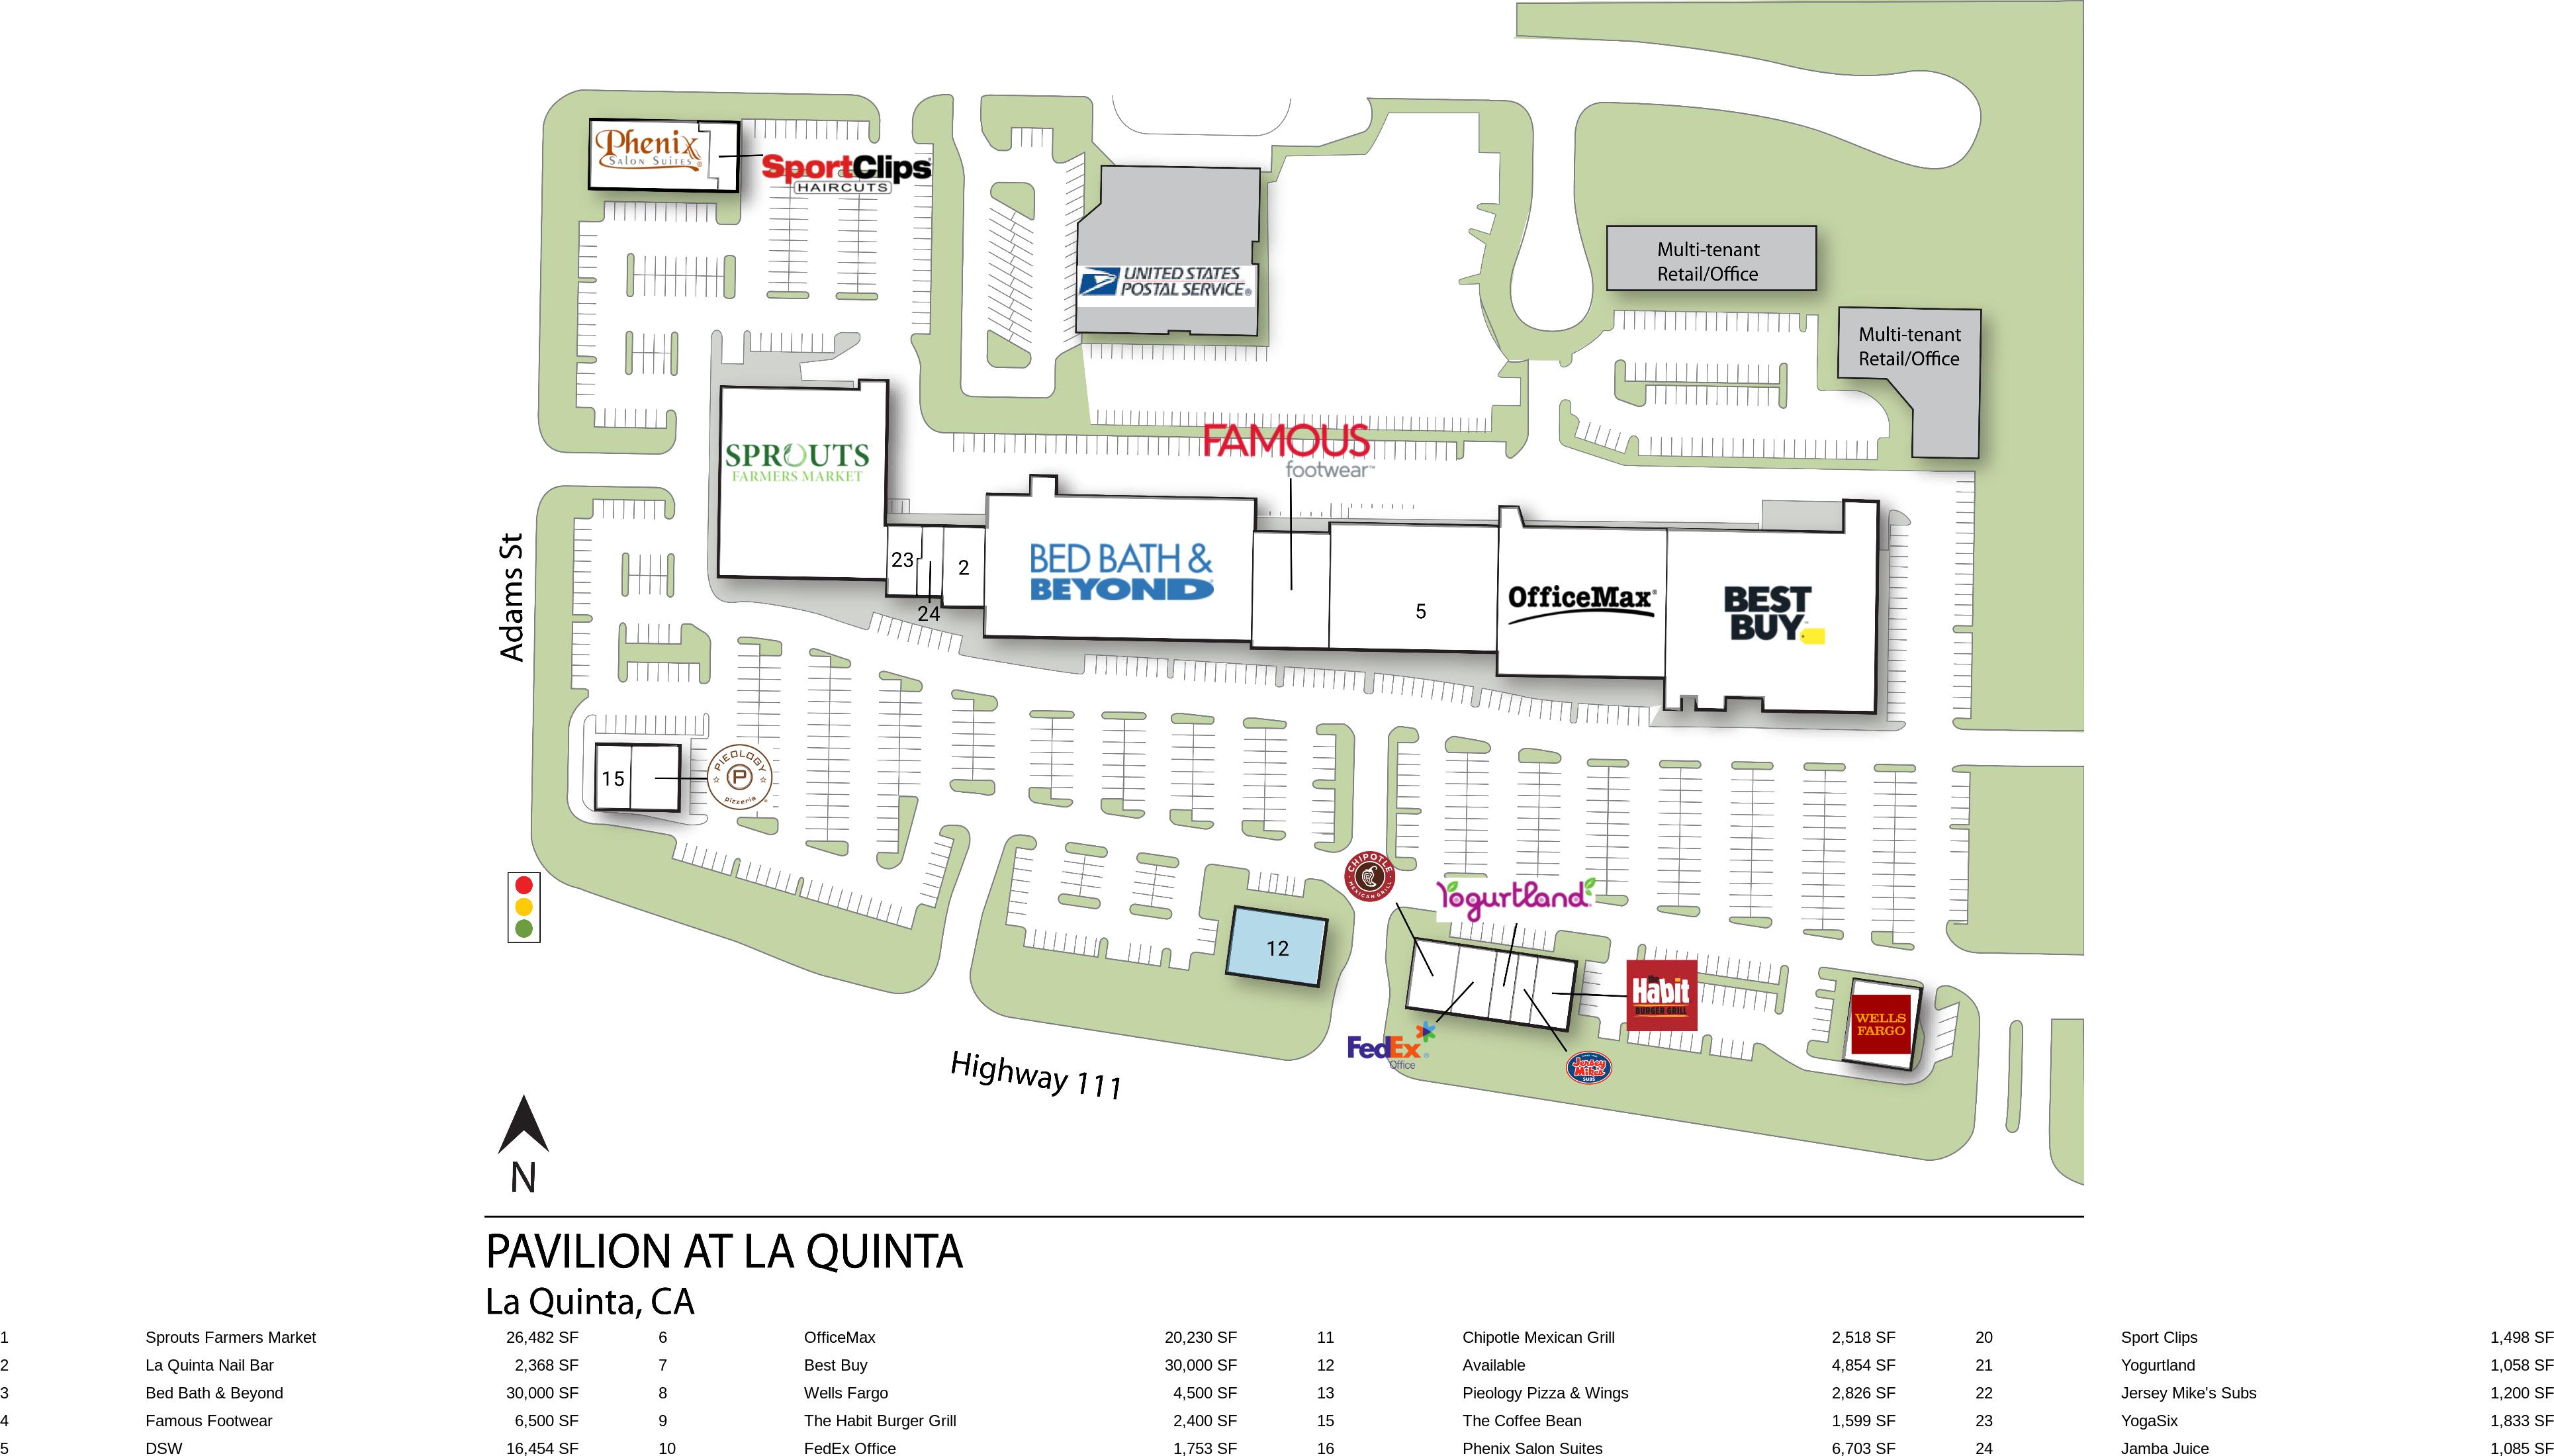 La Quinta CA Pavilion At La Quinta  Retail Space  InvenTrust